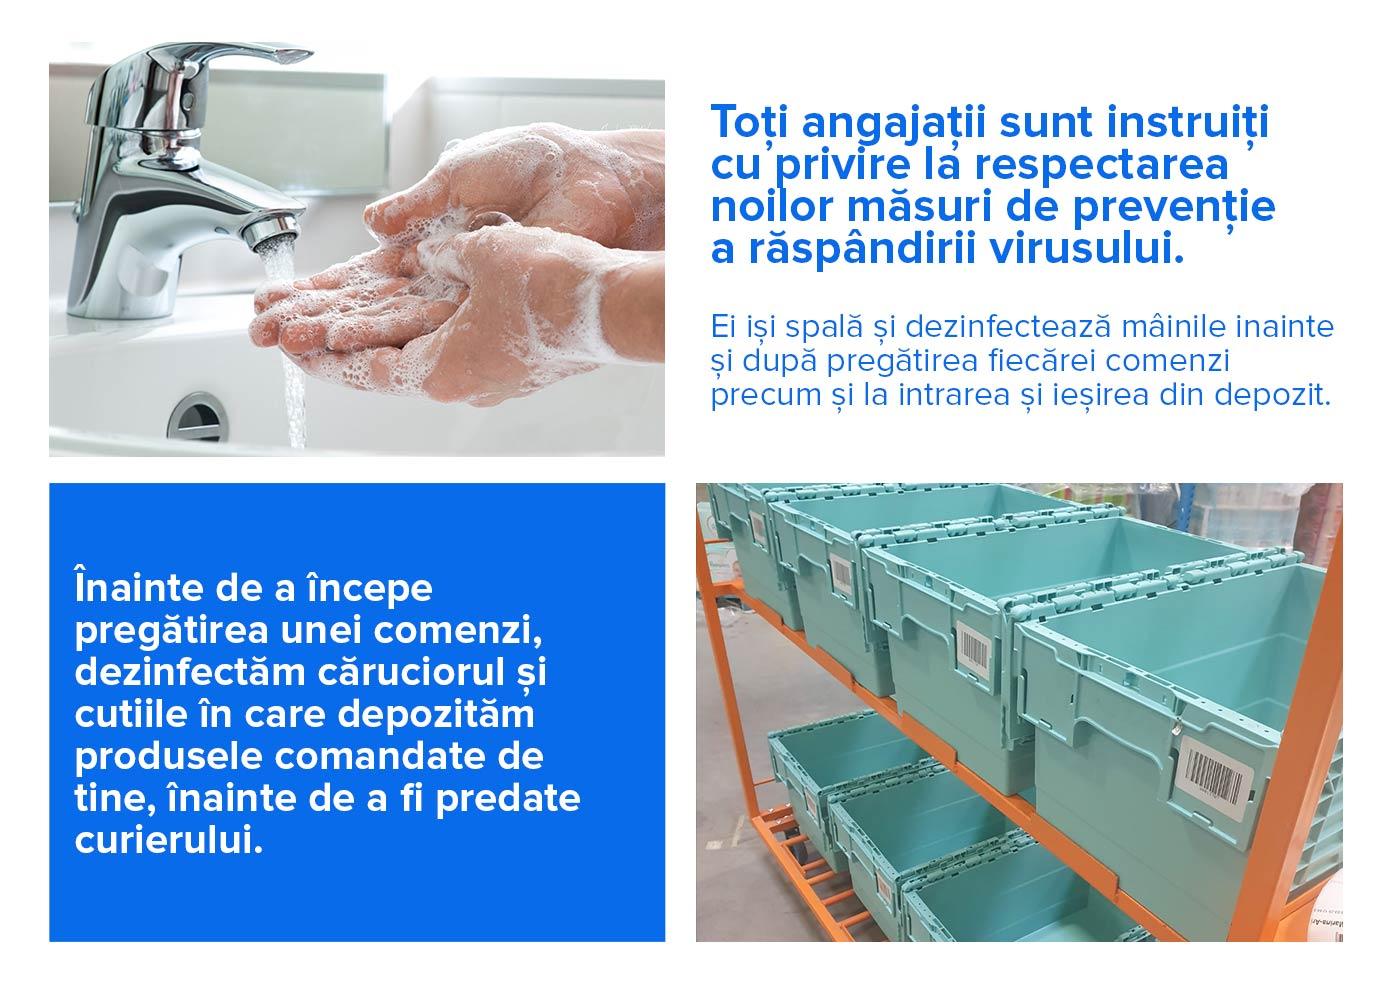 Toți angajatii sunt instruiți  cu privire la respectarea  noilor măsuri de prevenție  a răspândirii virusului.   Ei iși spală și dezinfectează mâinile inainte și după pregătirea fiecarei comenzi precum și la intrarea și iesirea din depozit.